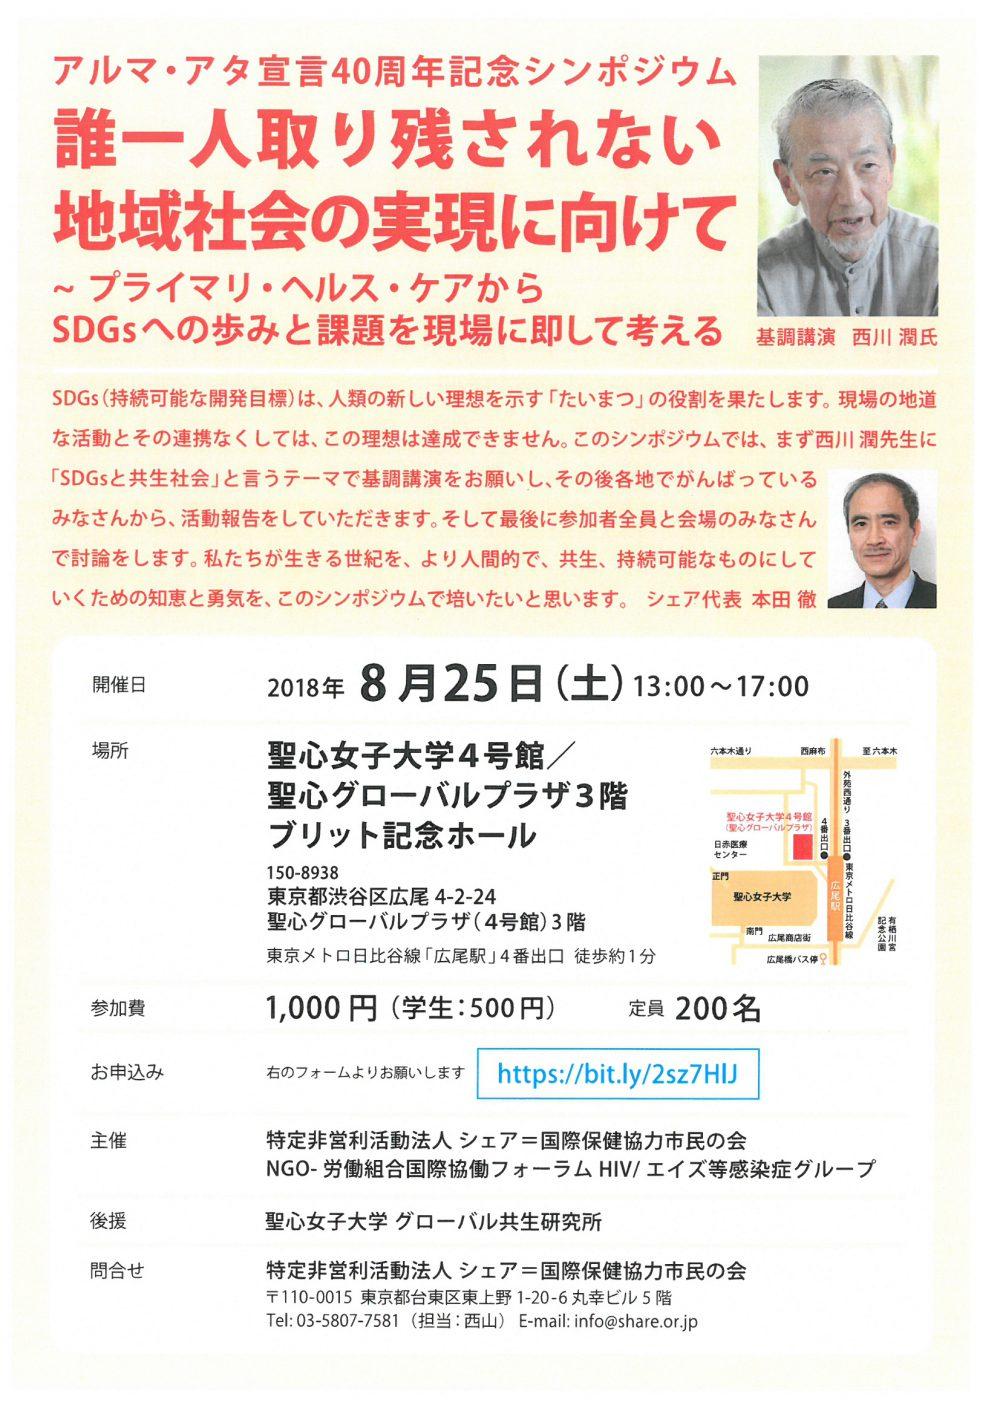 8月25日(土)アルマ・アタ宣言40周年記念シンポジウム